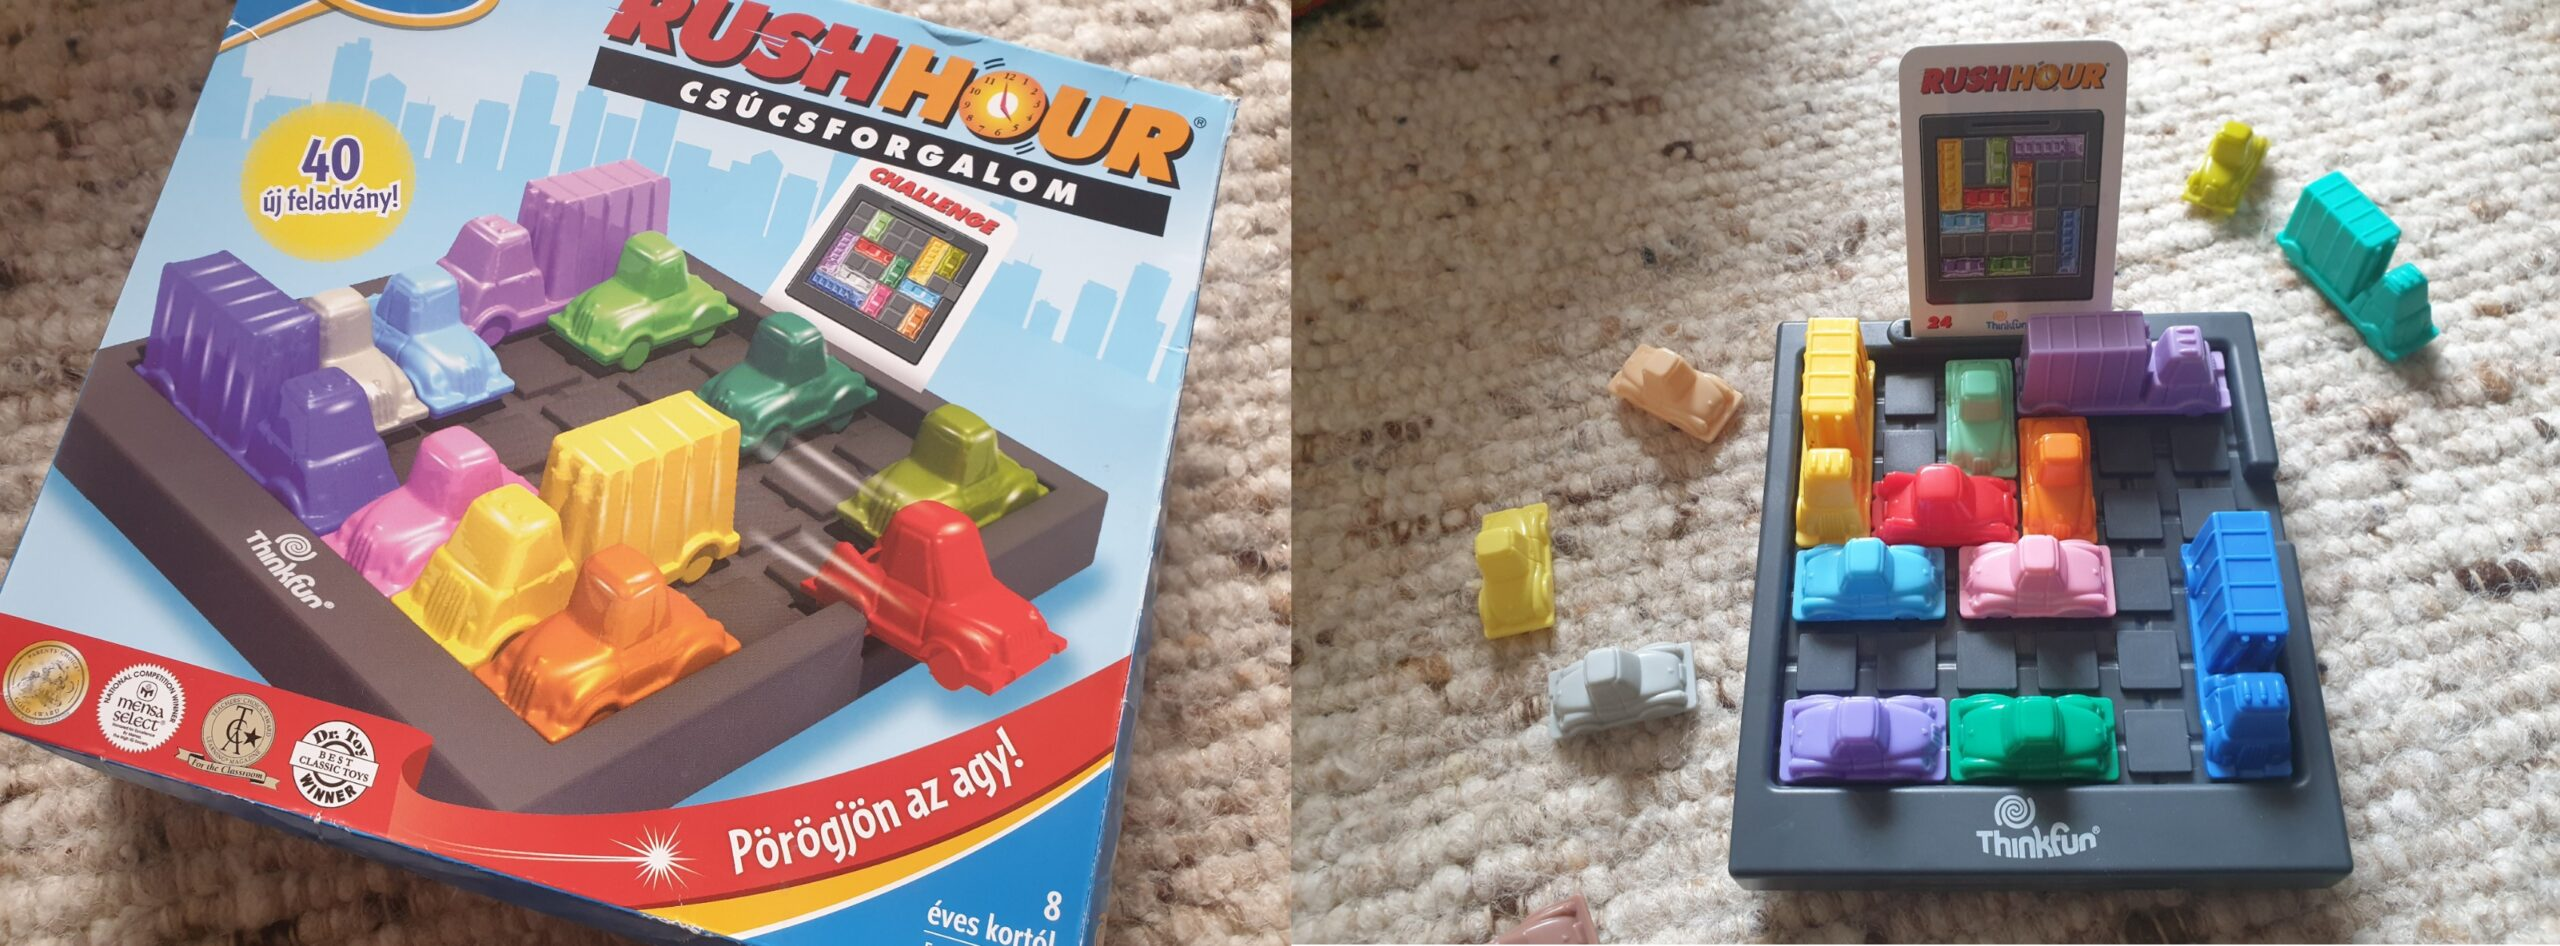 játékok, logikai játék, társasjáték, Rushhour